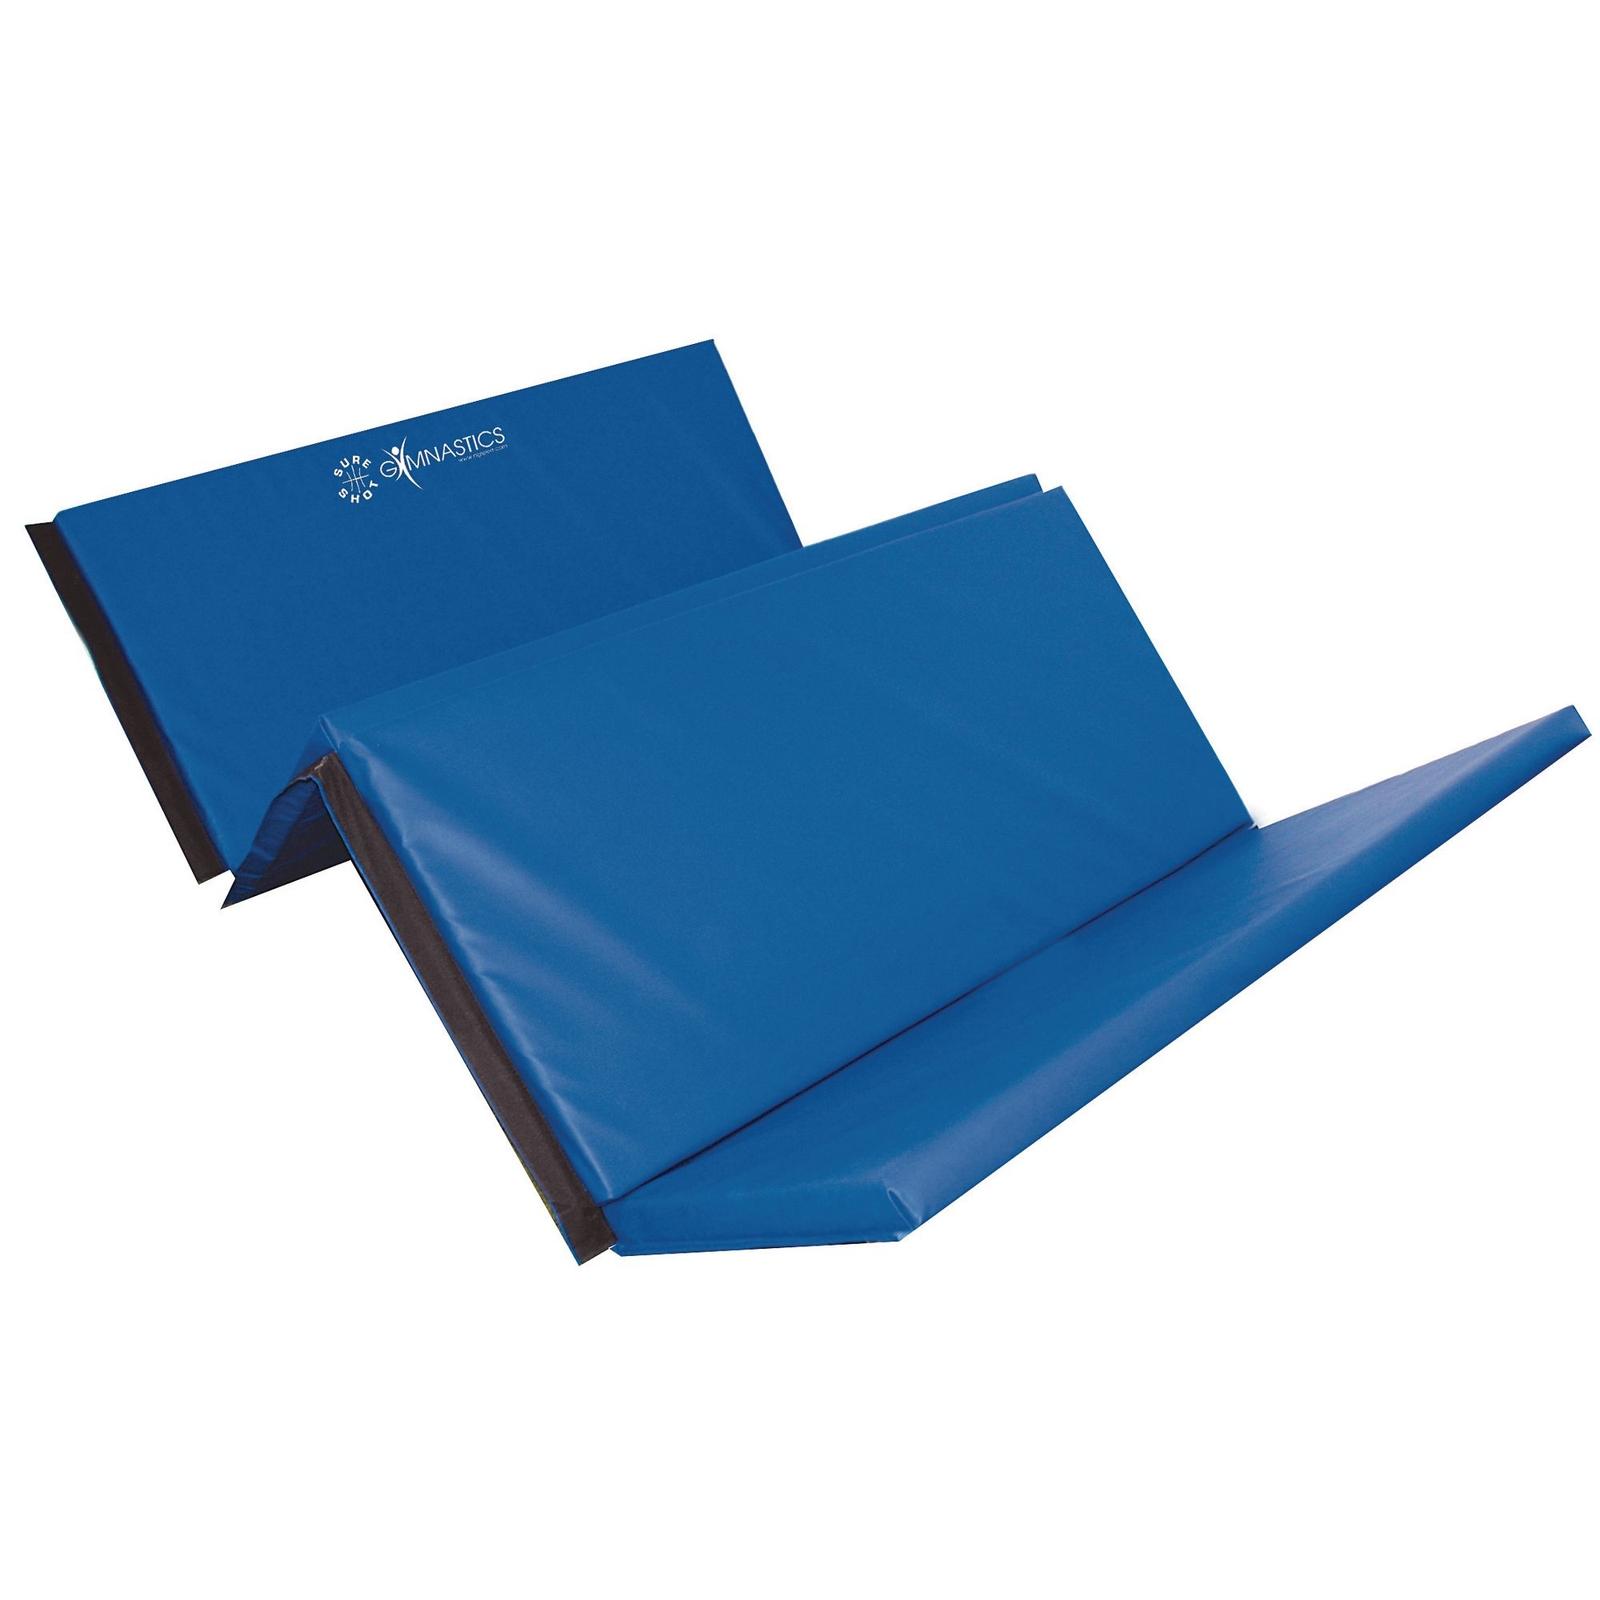 Gym Mats At Sports Direct: 50mm Blue Gym Mat - 2.4x1.2m